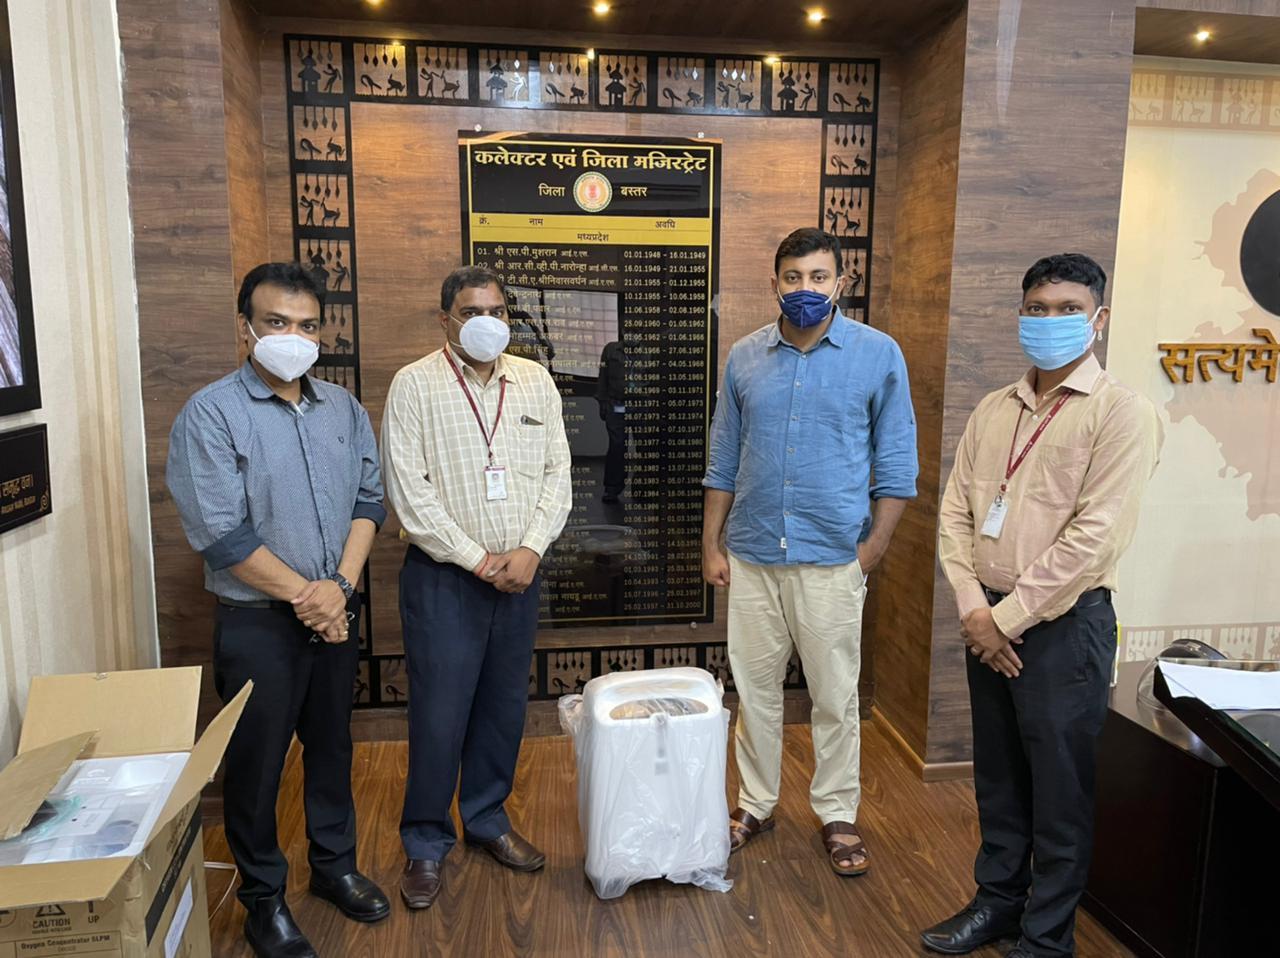 जगदलपुर: आर्ट ऑफ लिविंग तथा बैंकिंग संस्थानों ने कलेक्टर श्री बंसल को दान किया ऑक्सीजन कंस्ट्रेटर, पीपीई किट और मास्क